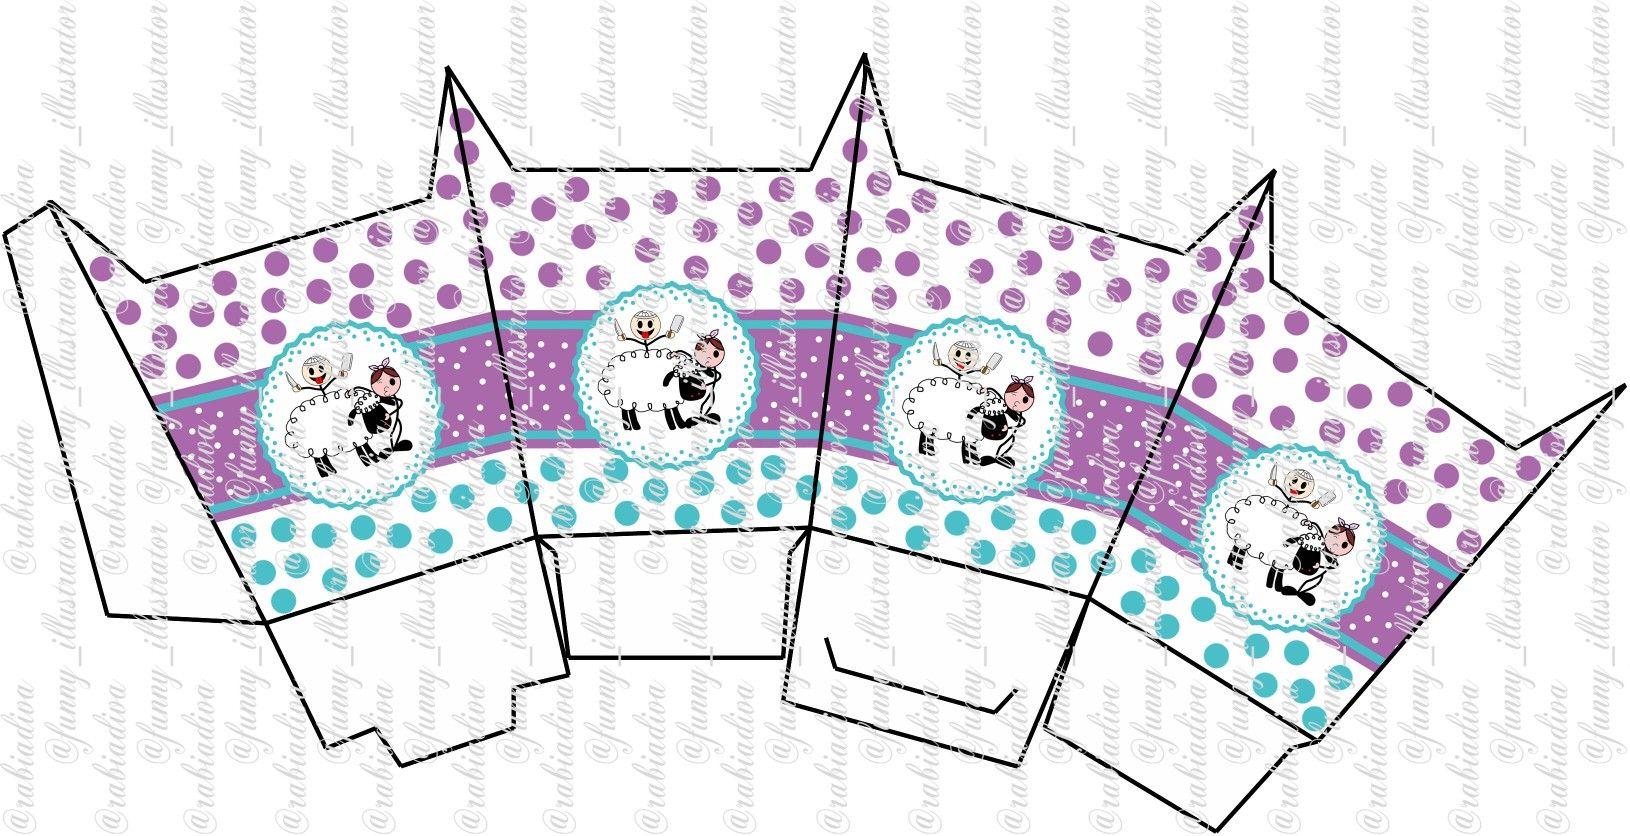 عيد الاضحى توزيعات عيدية فشار تصميم بدون طباعة للطلب و التواصل 053 162 0704 Diy Baby Gifts Diy Baby Stuff Deer Artwork